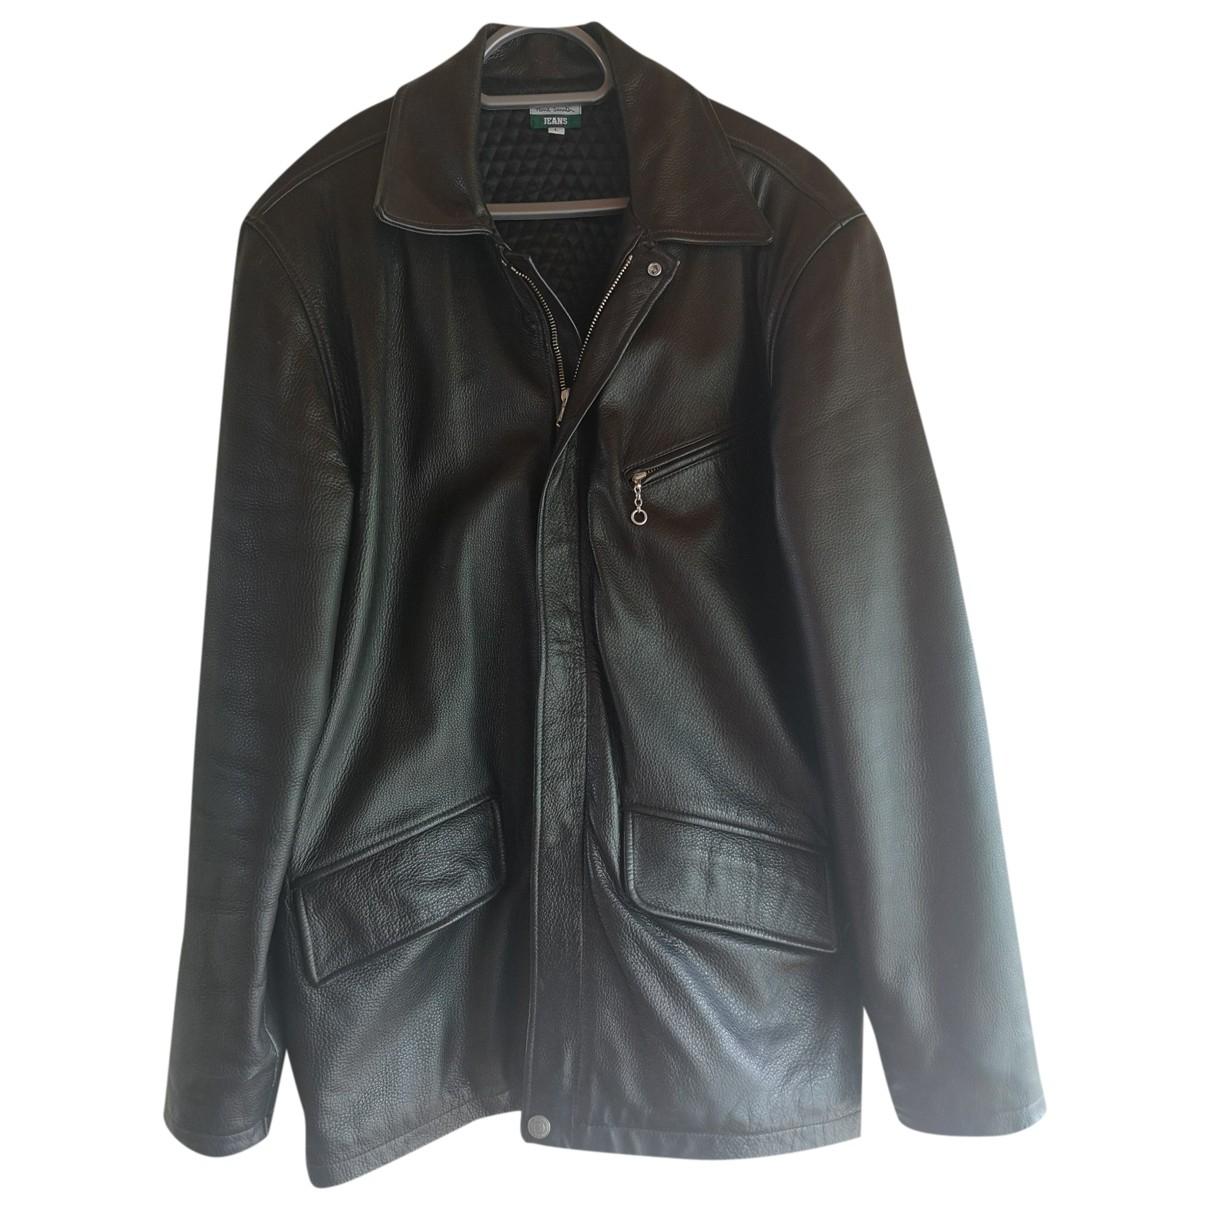 Paul Smith - Manteau   pour homme en cuir - noir